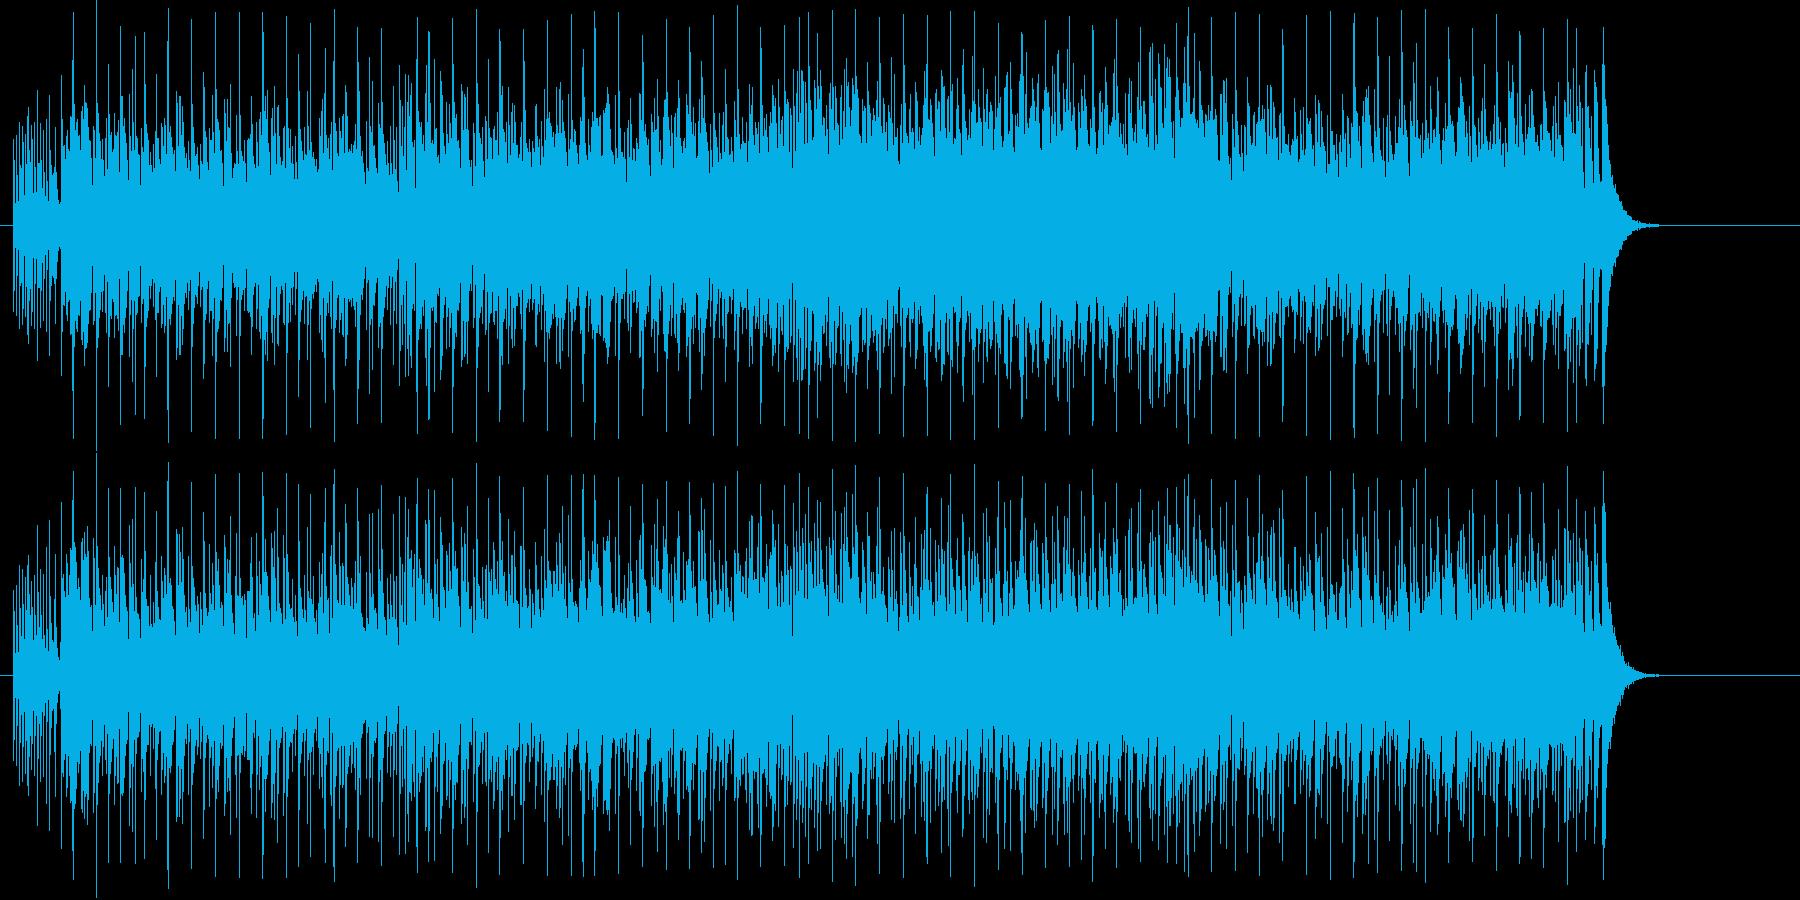 楽しいけど忙しいイメージの再生済みの波形